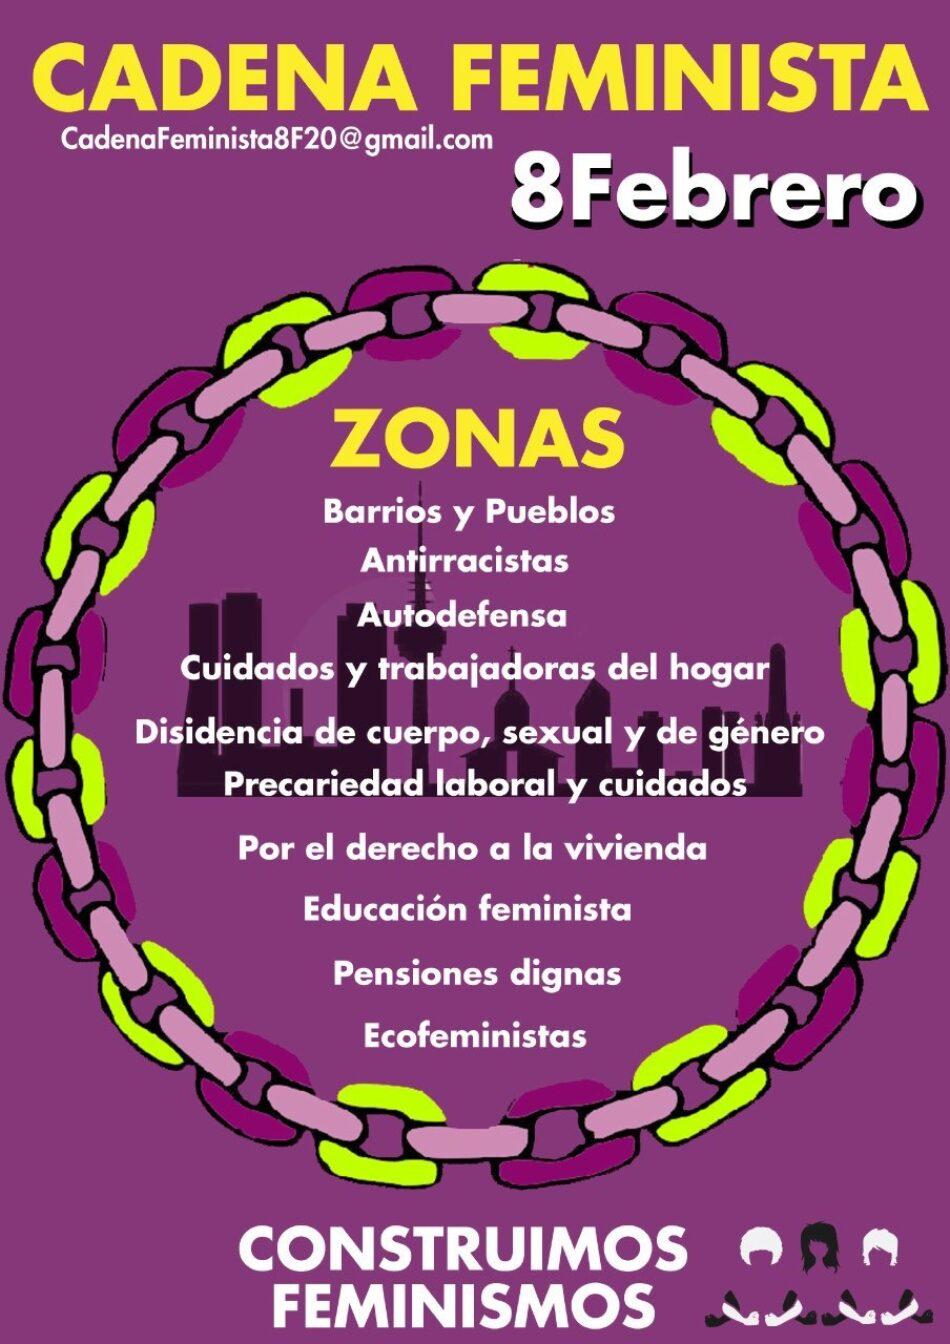 La Comisión 8M convoca una cadena feminista para rodear el centro de Madrid